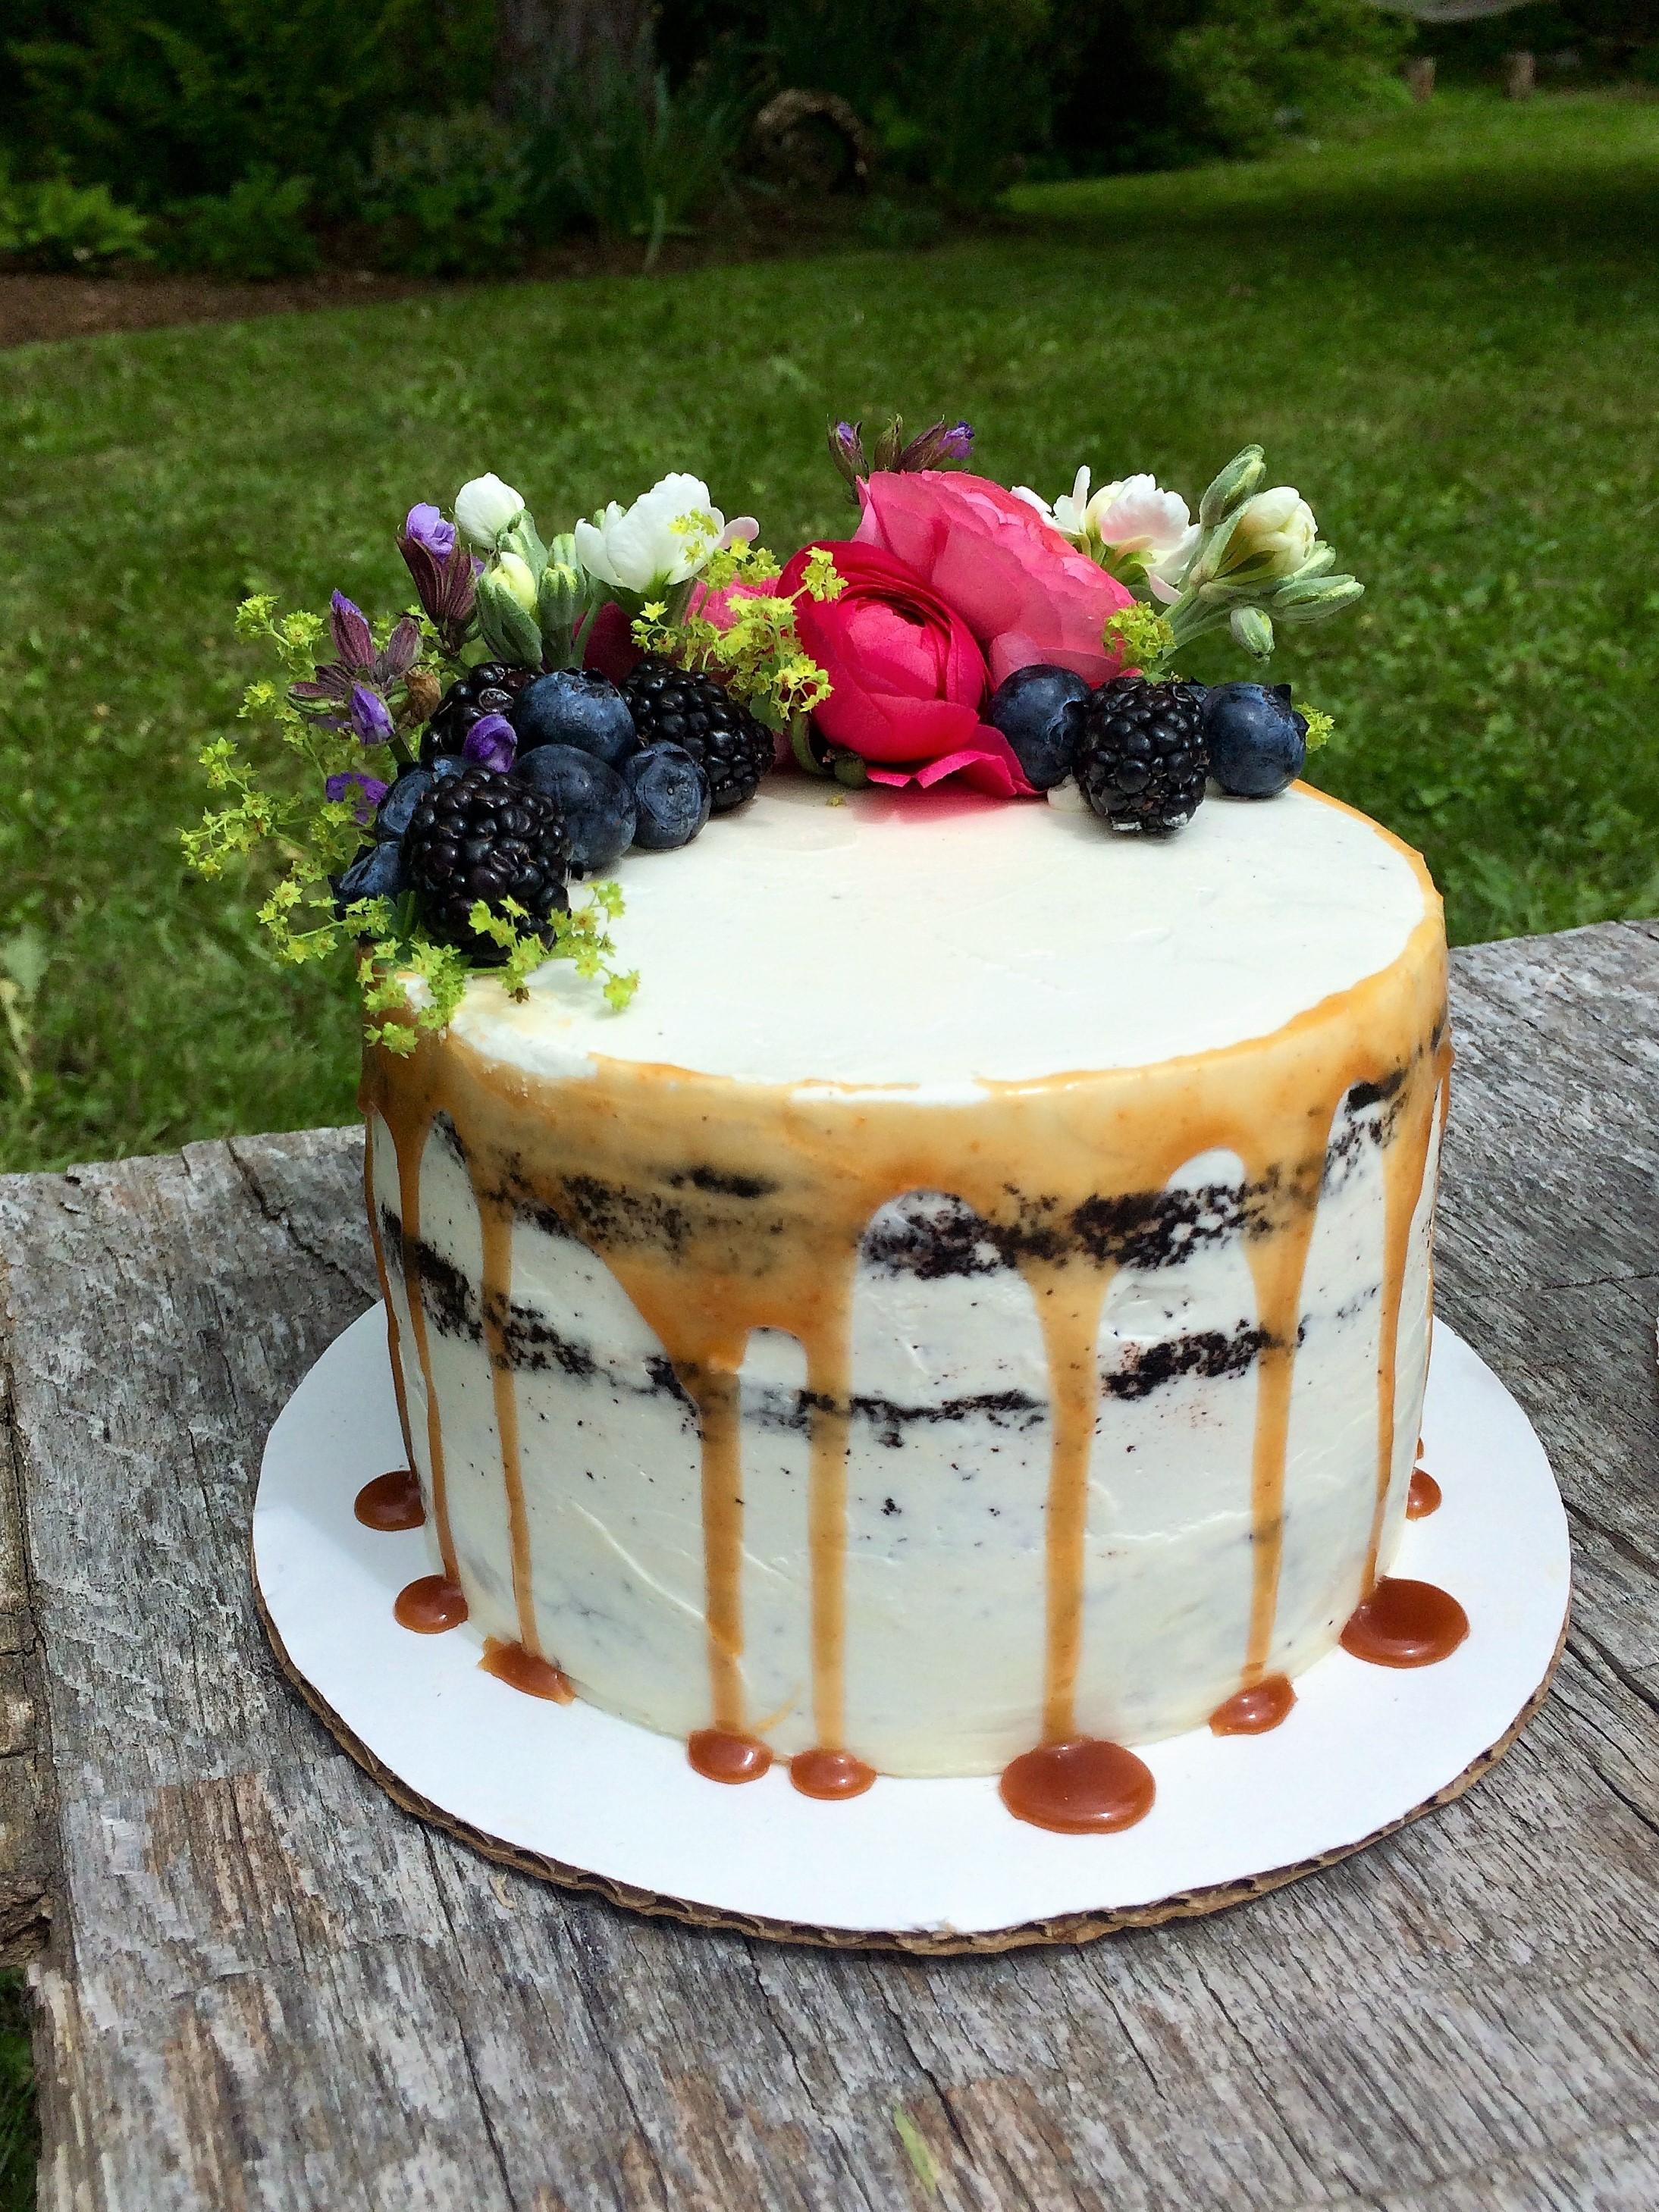 Zahira's cake 2 (2).jpg